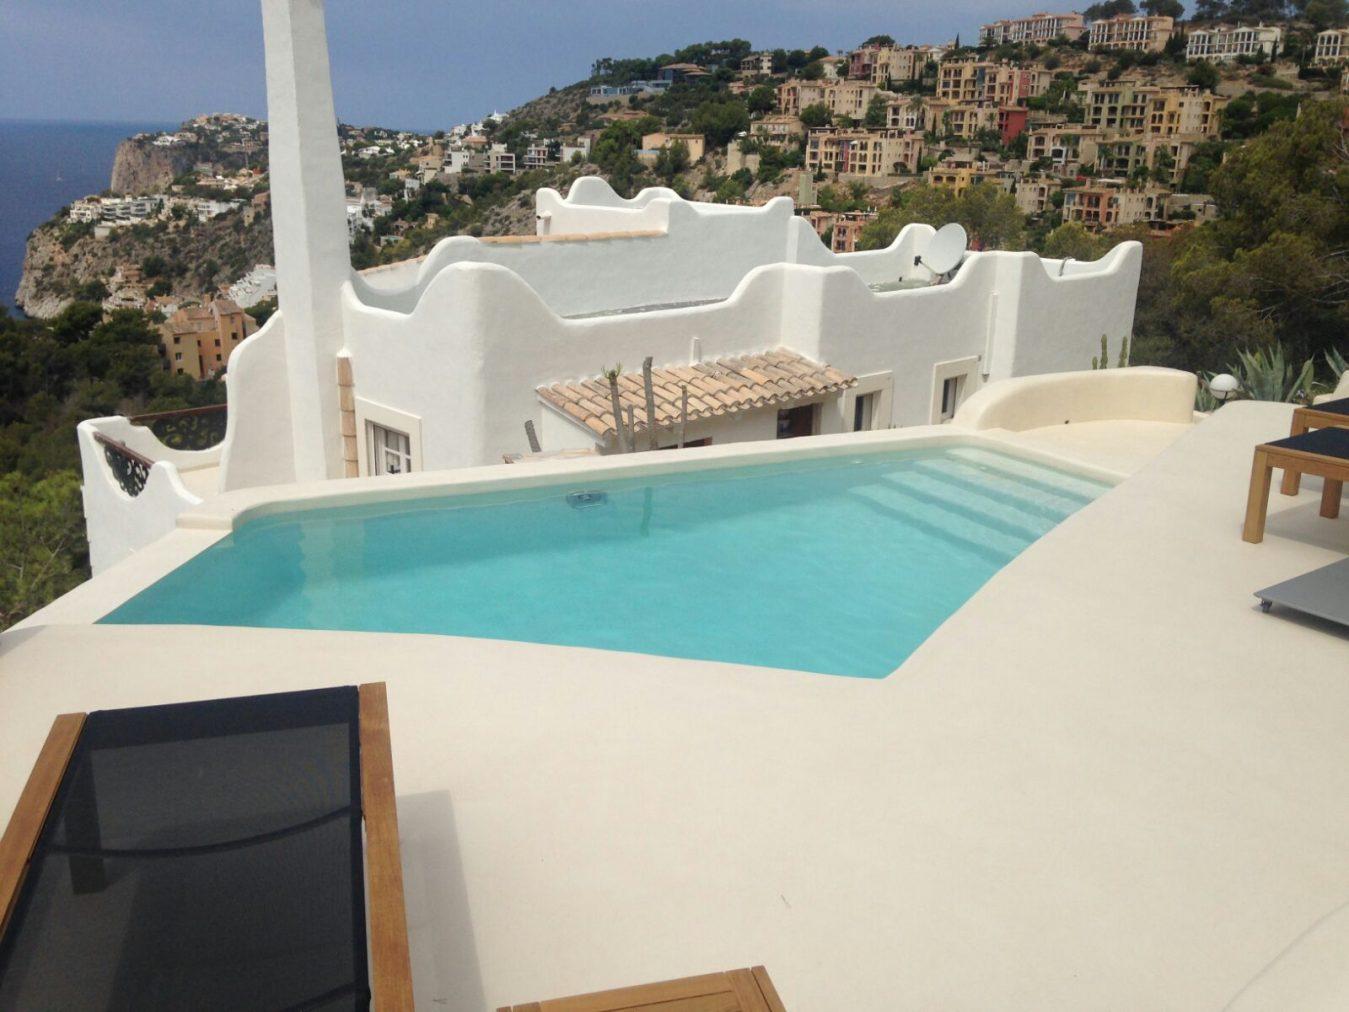 Mayrata pavimentos de exterior en Mallorca - MICROCEMENTO DE EXTERIOR